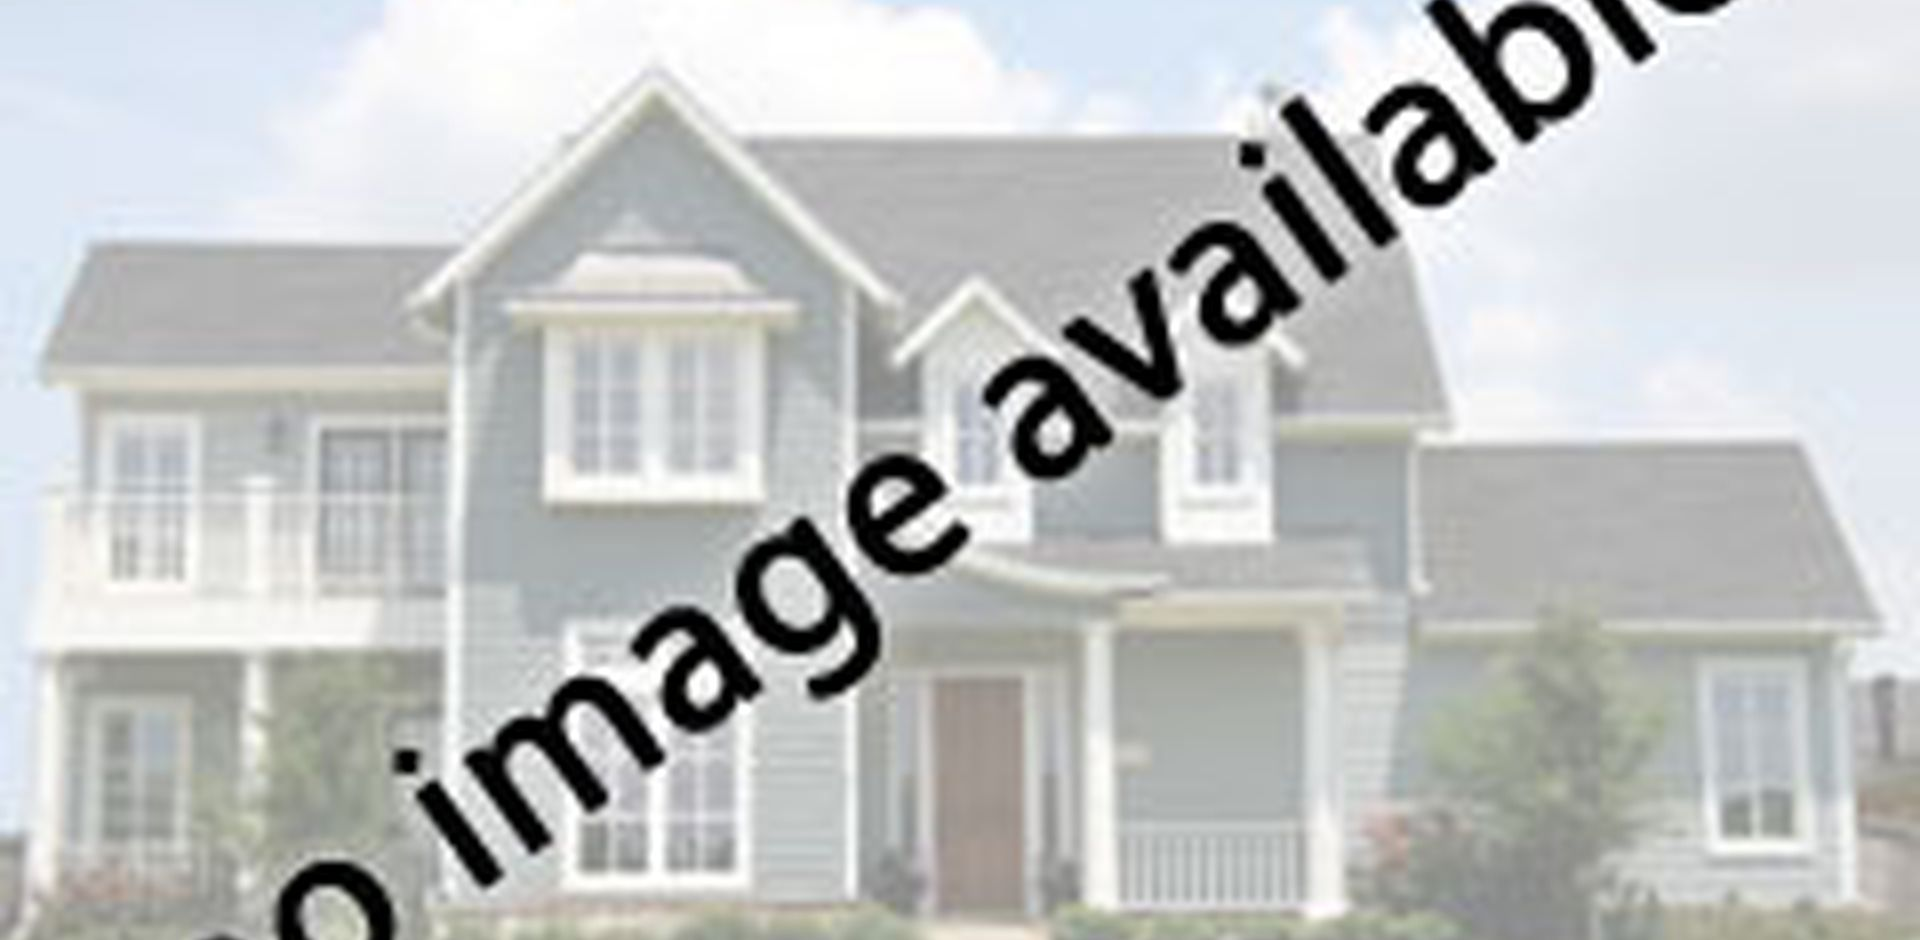 6708 Lakewood Blvd Dallas, TX 75214 - Image 1